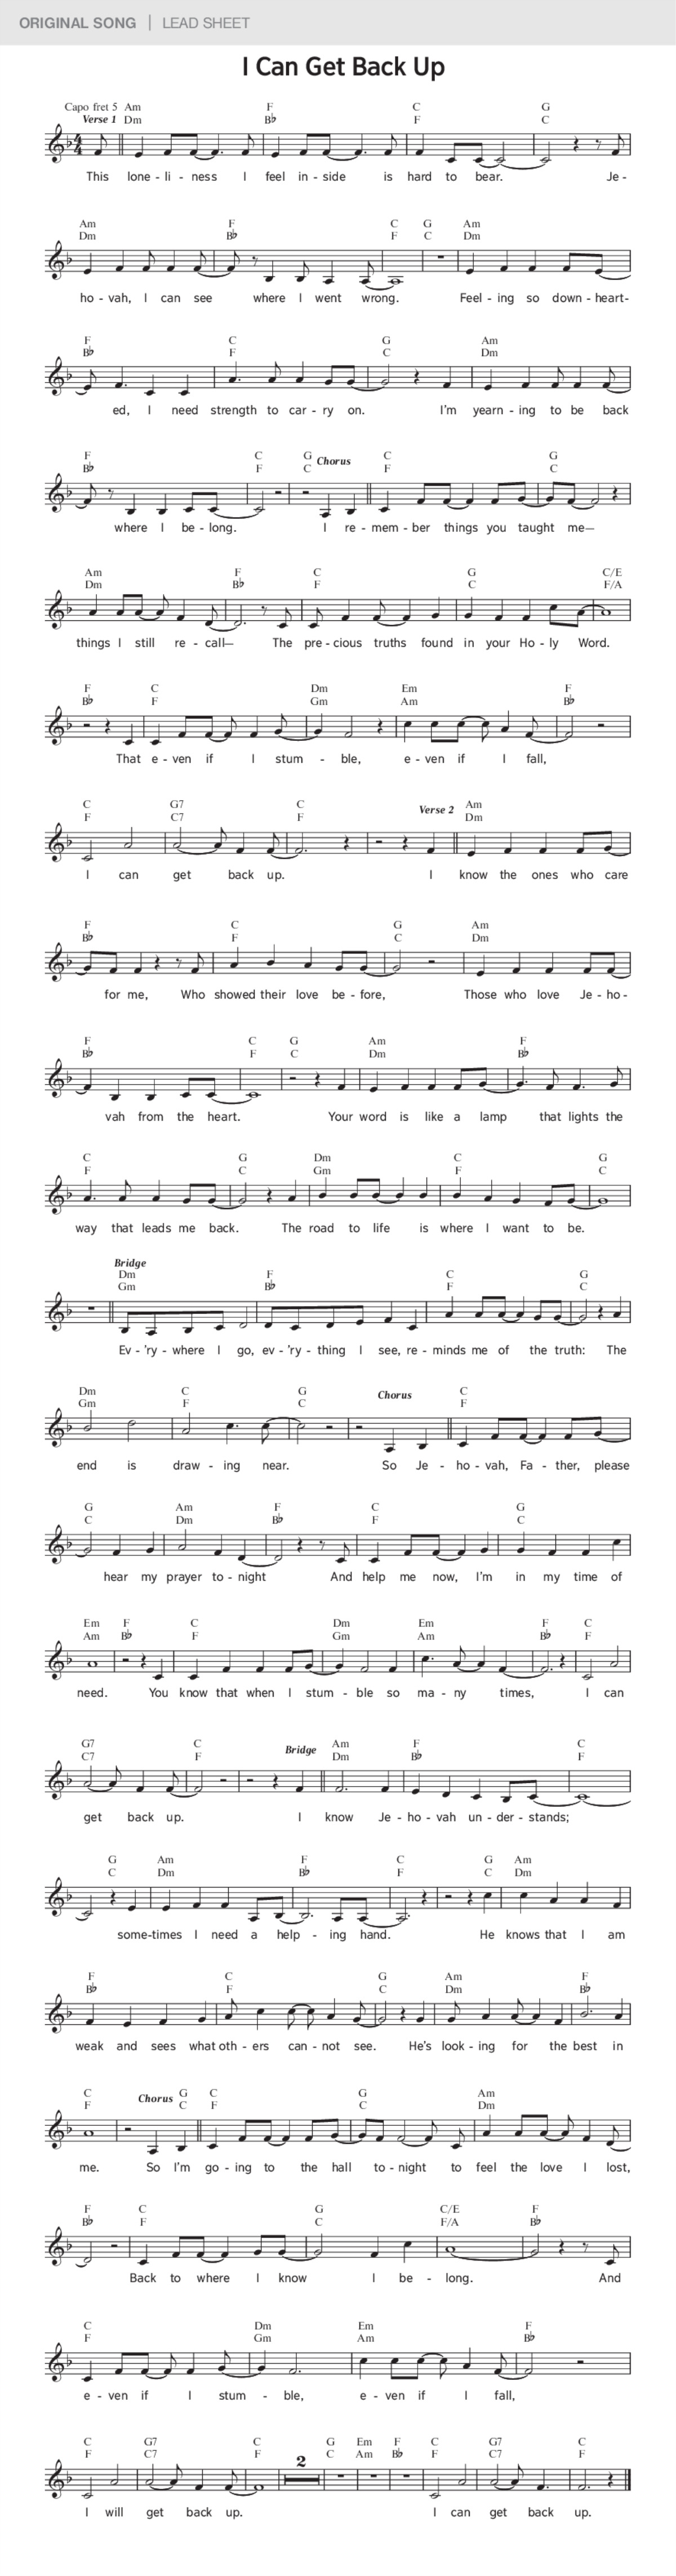 I Can Get Back Up   JW ORG Original Song